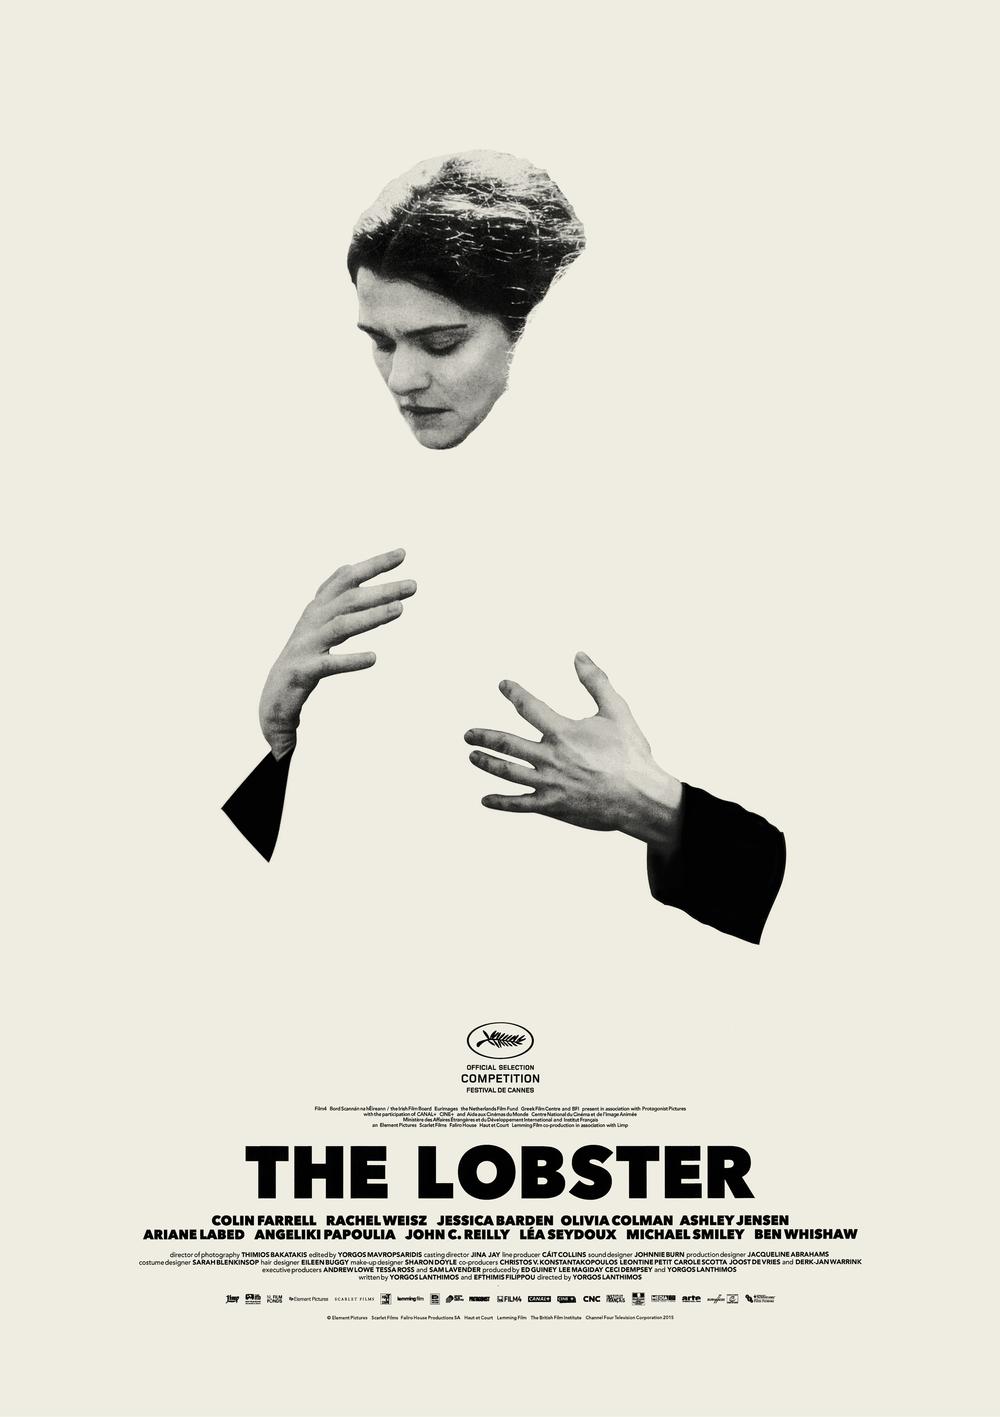 The Lobster 2015 poster Rachel Weisz